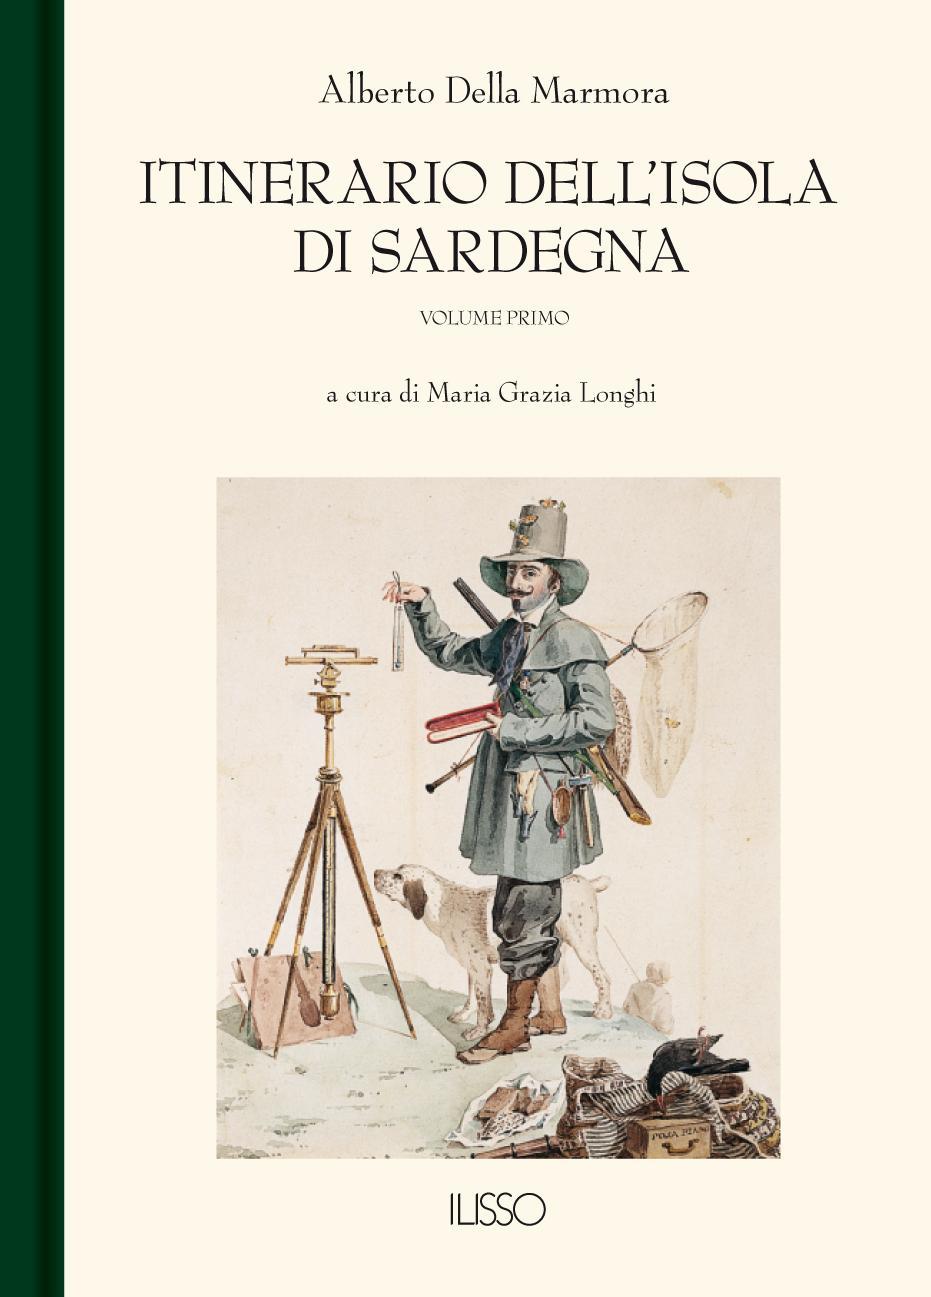 Itinerario dell'isola di Sardegna